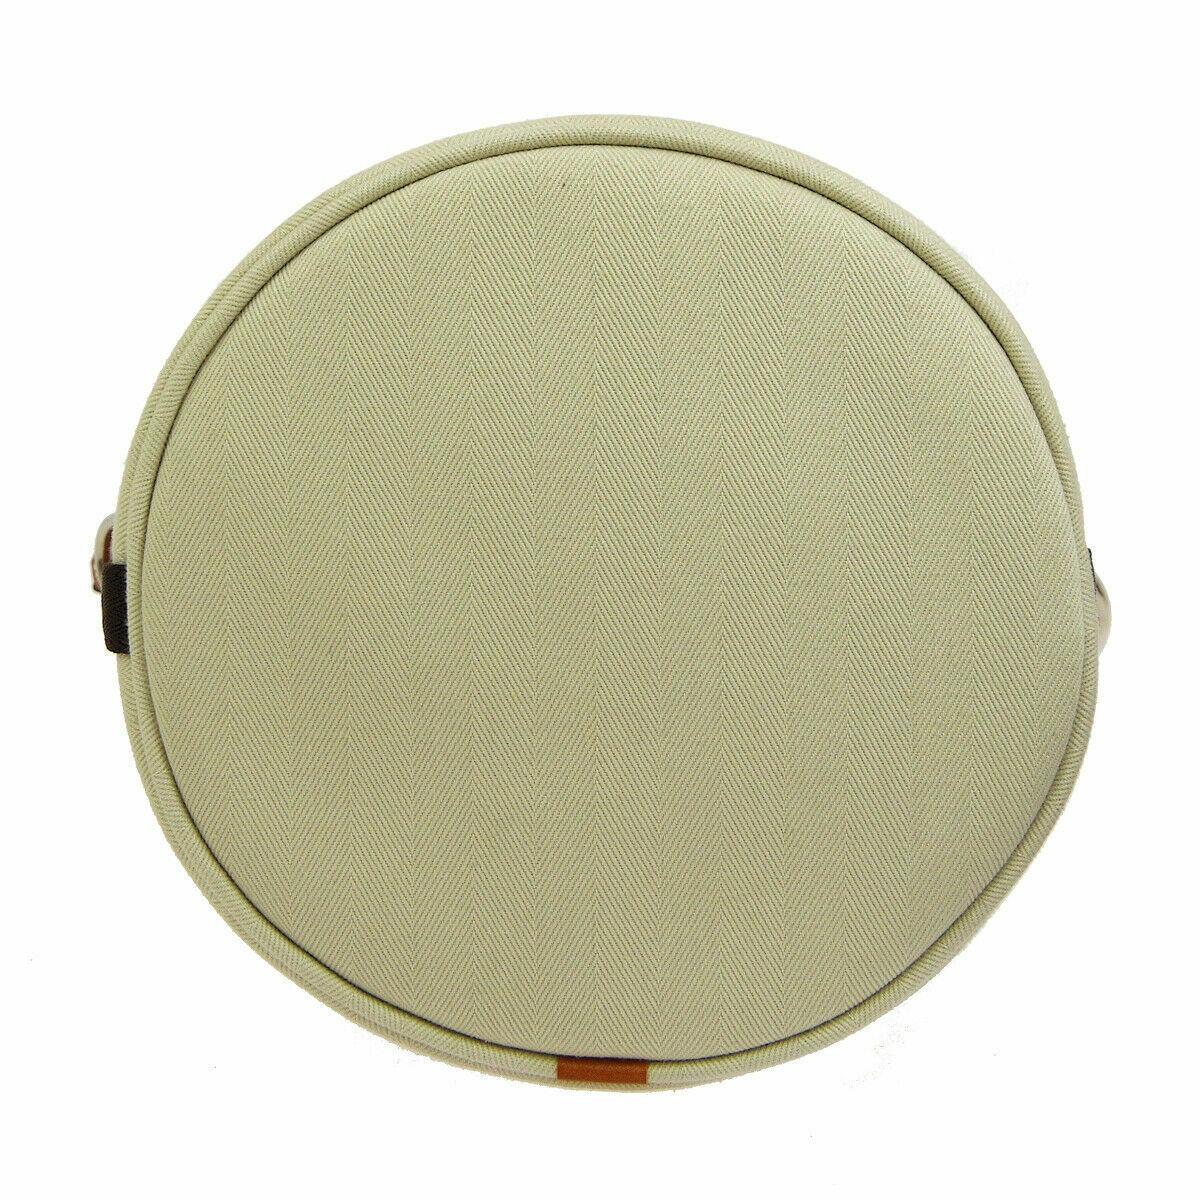 HERMES Sac De Pansage Shoulder Bag □L A R Ivory Brown Toile H Leather image 3